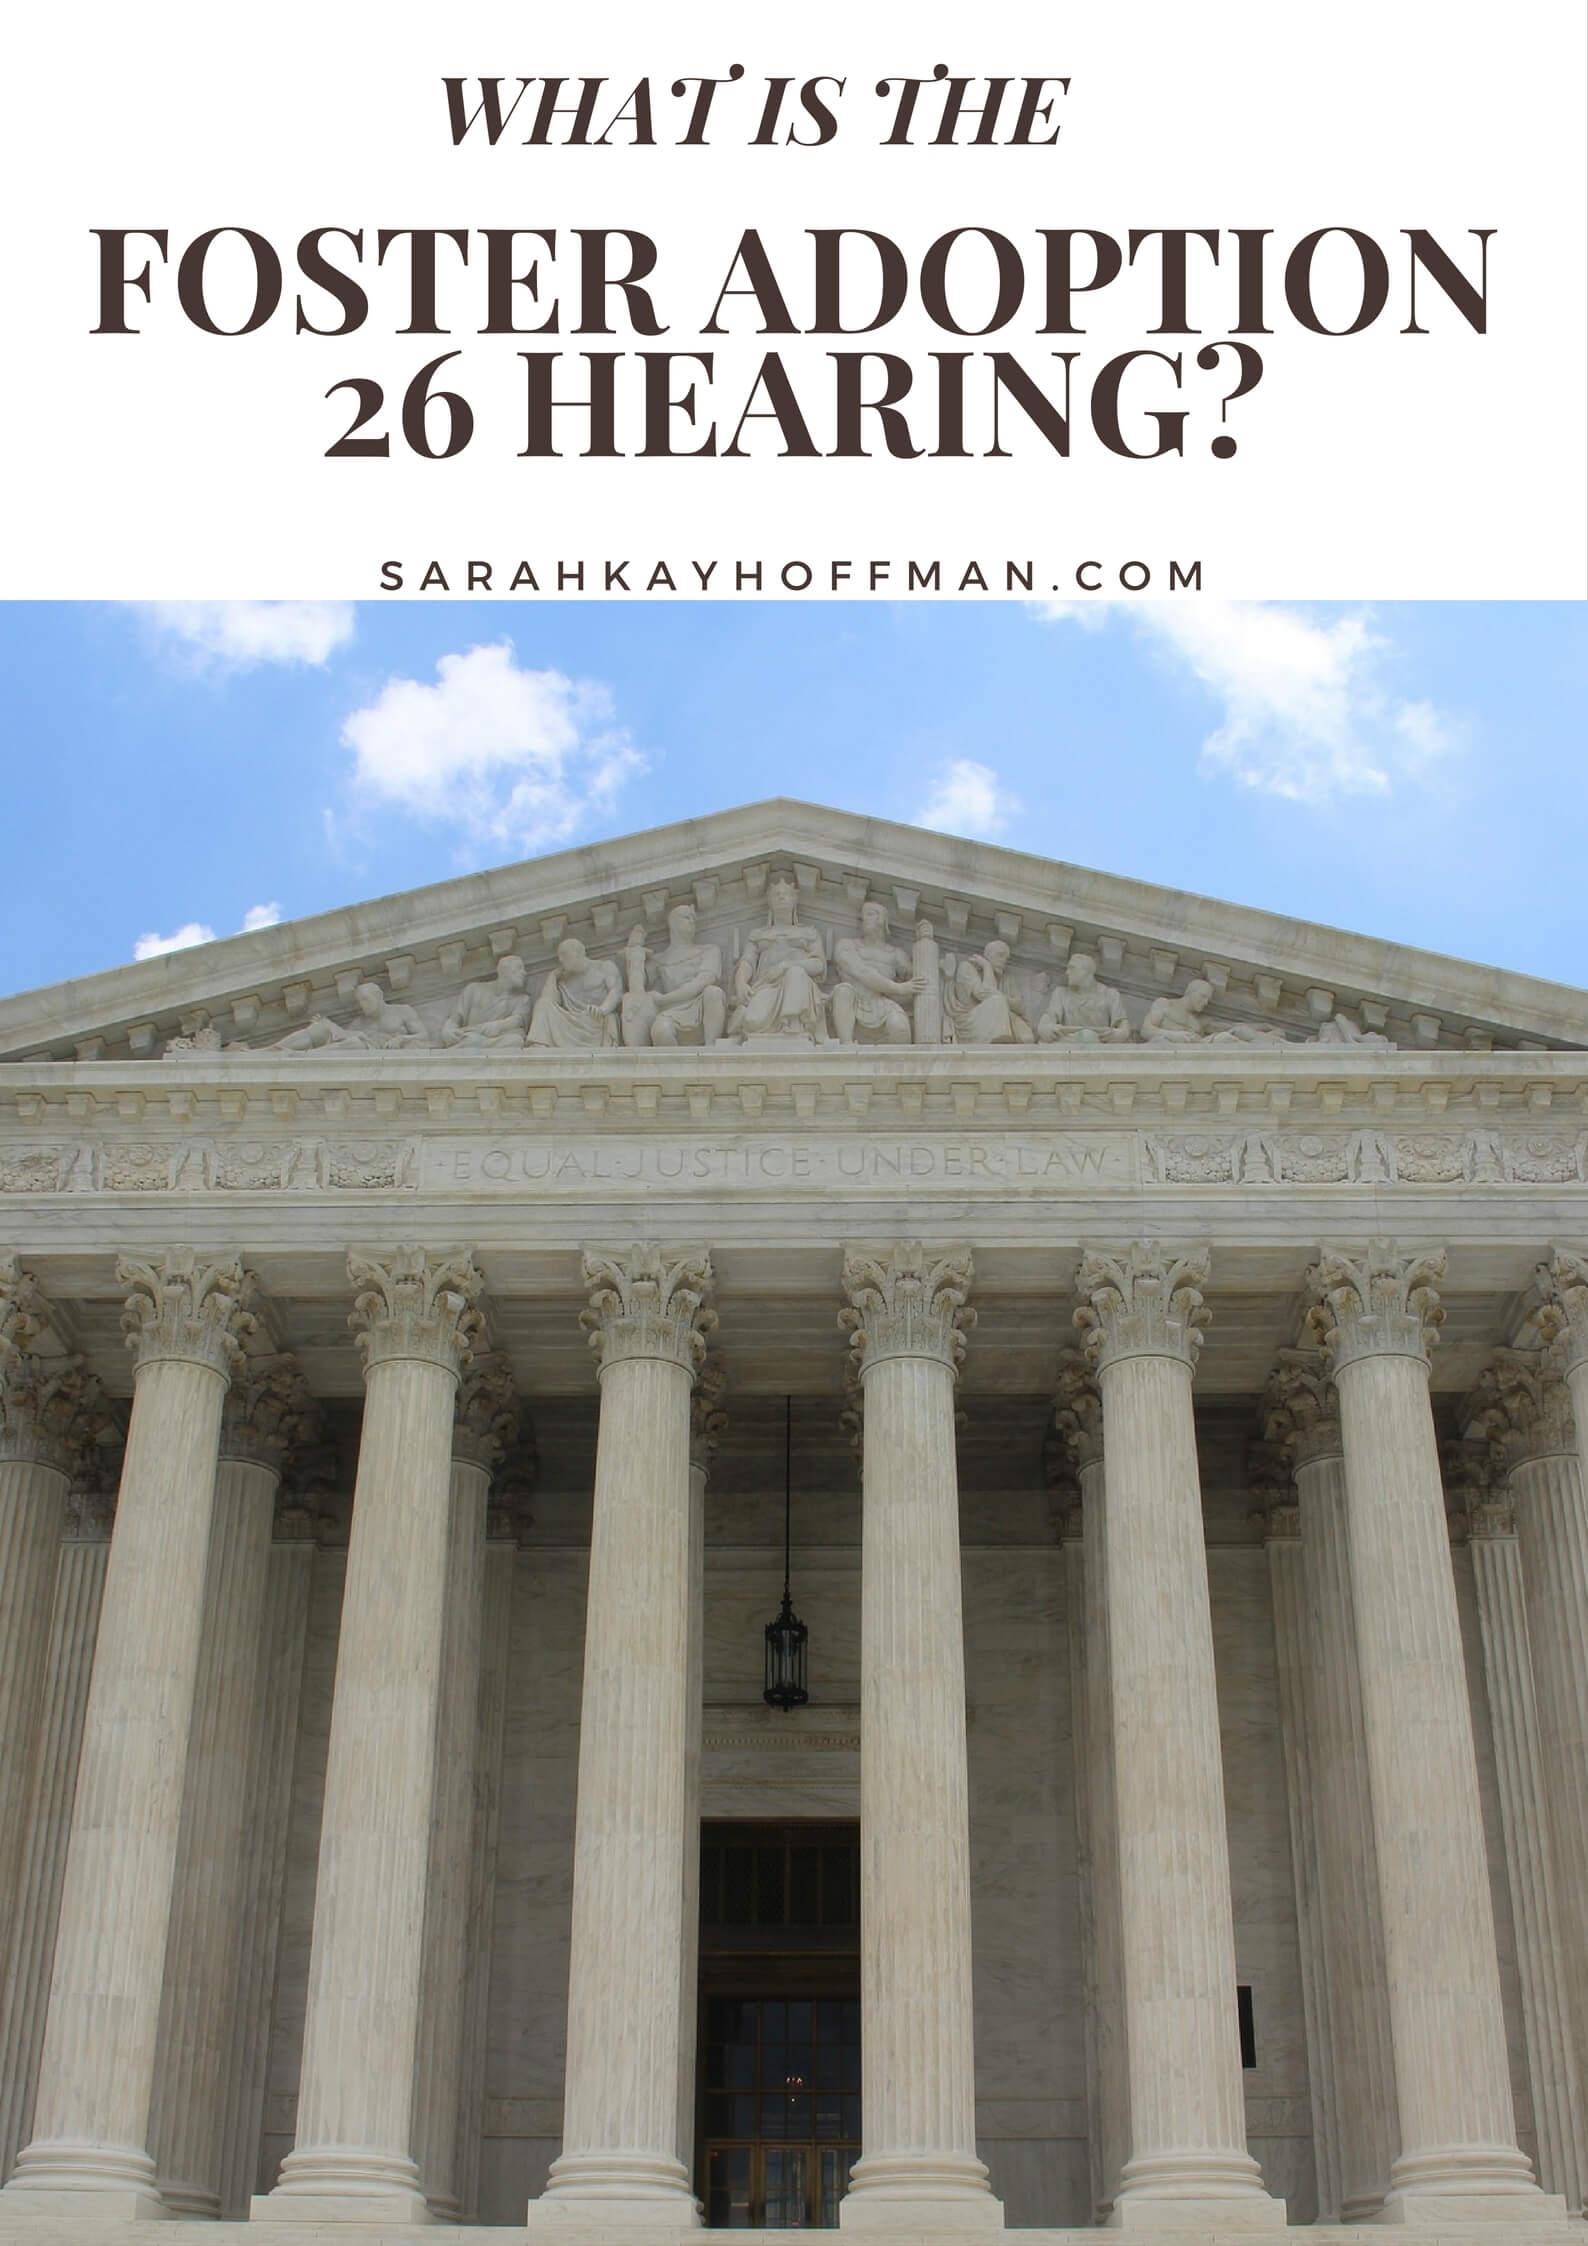 Foster Adoption 26 Hearing sarahkayhoffman.com